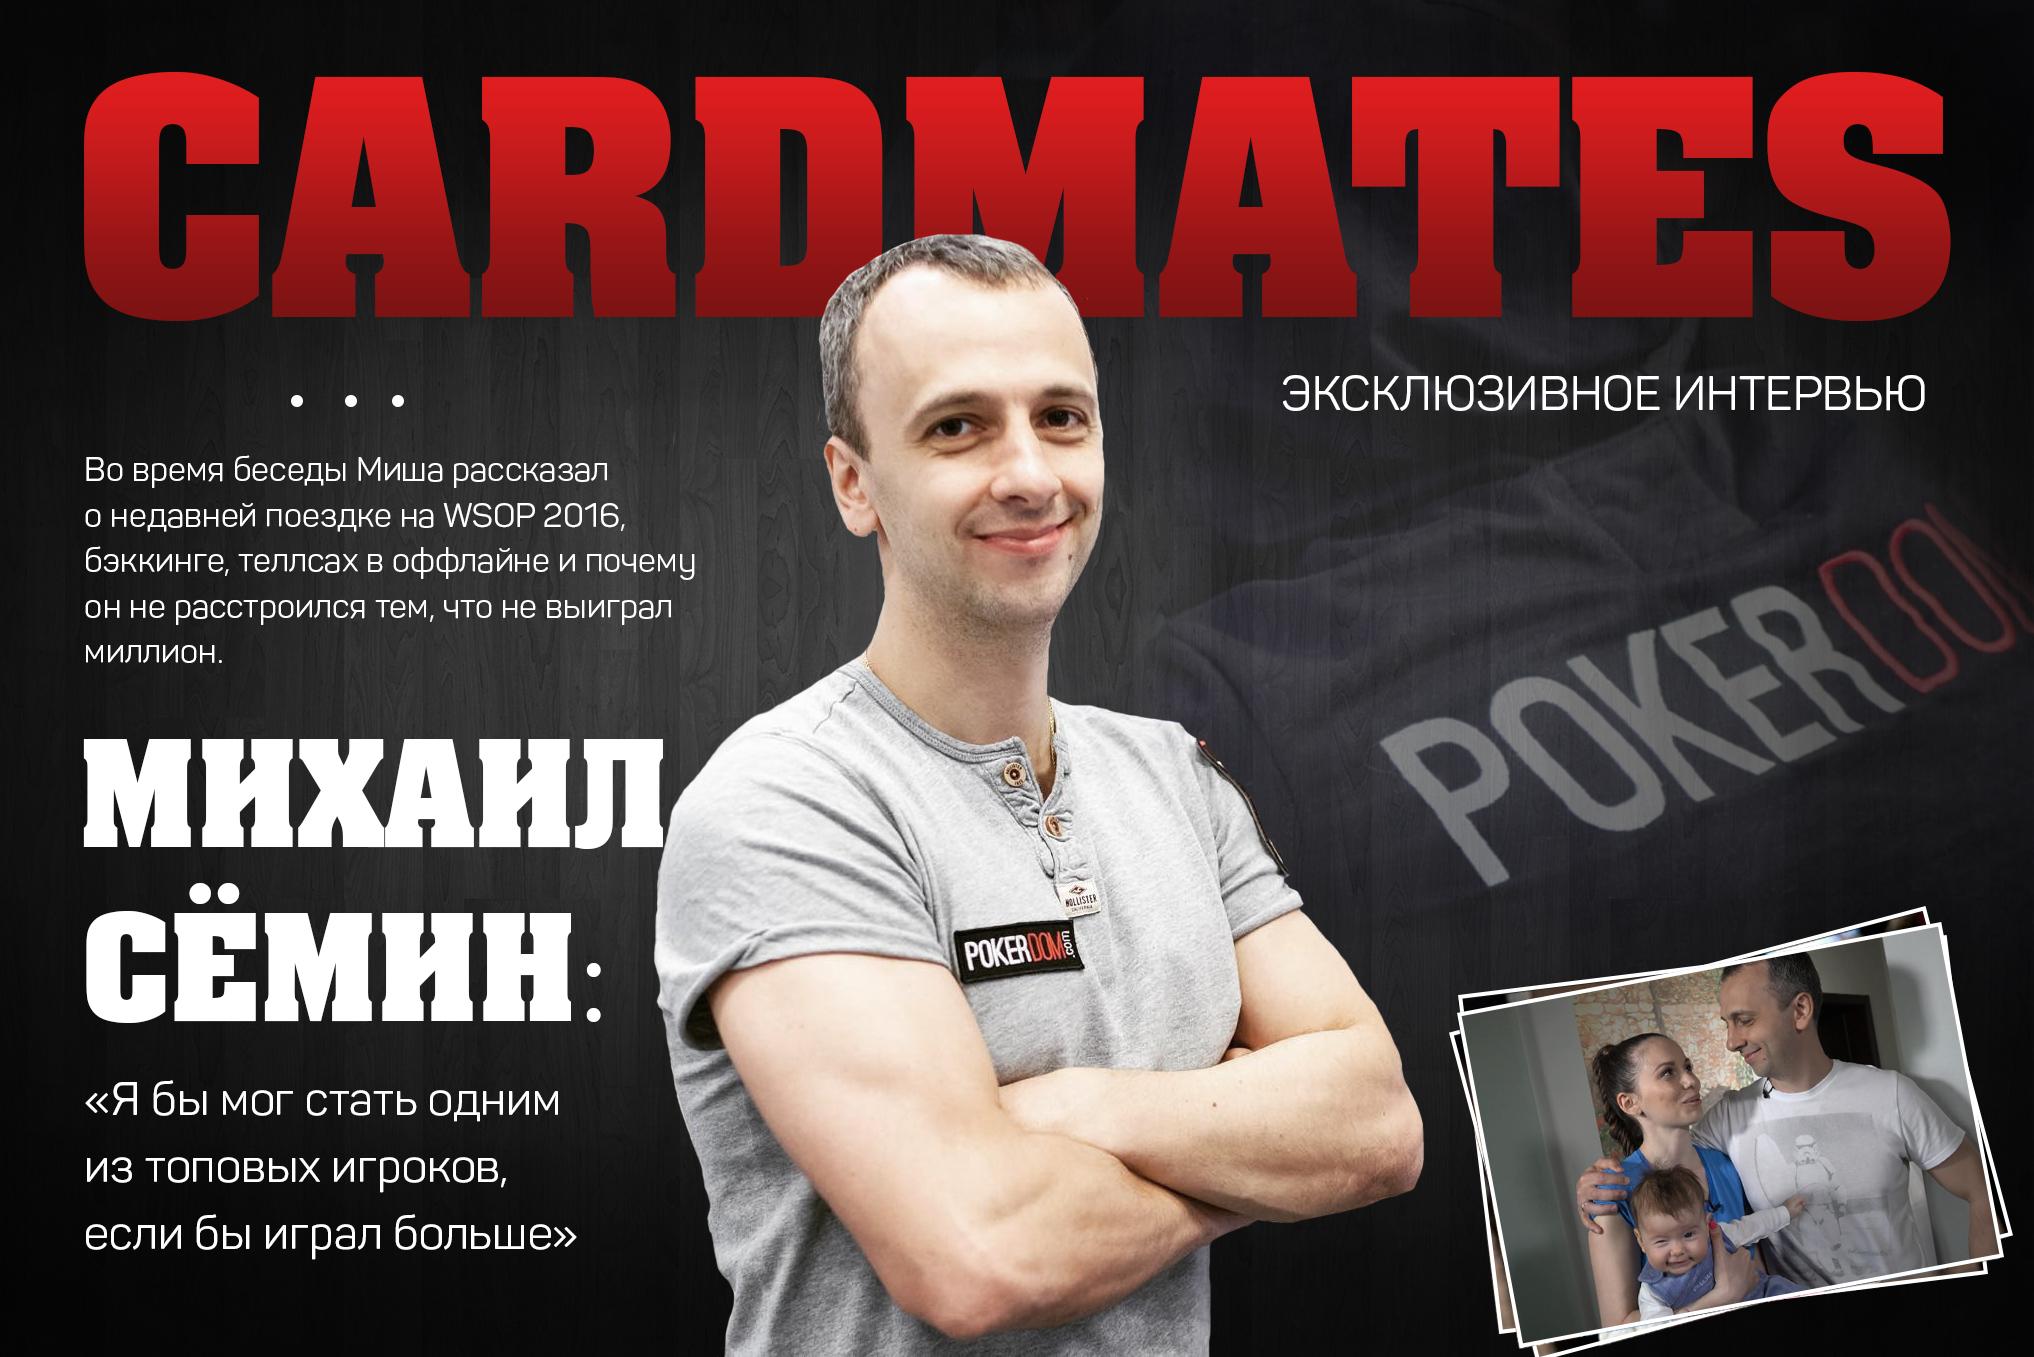 Михаил Сёмин, Mikleler, интервью